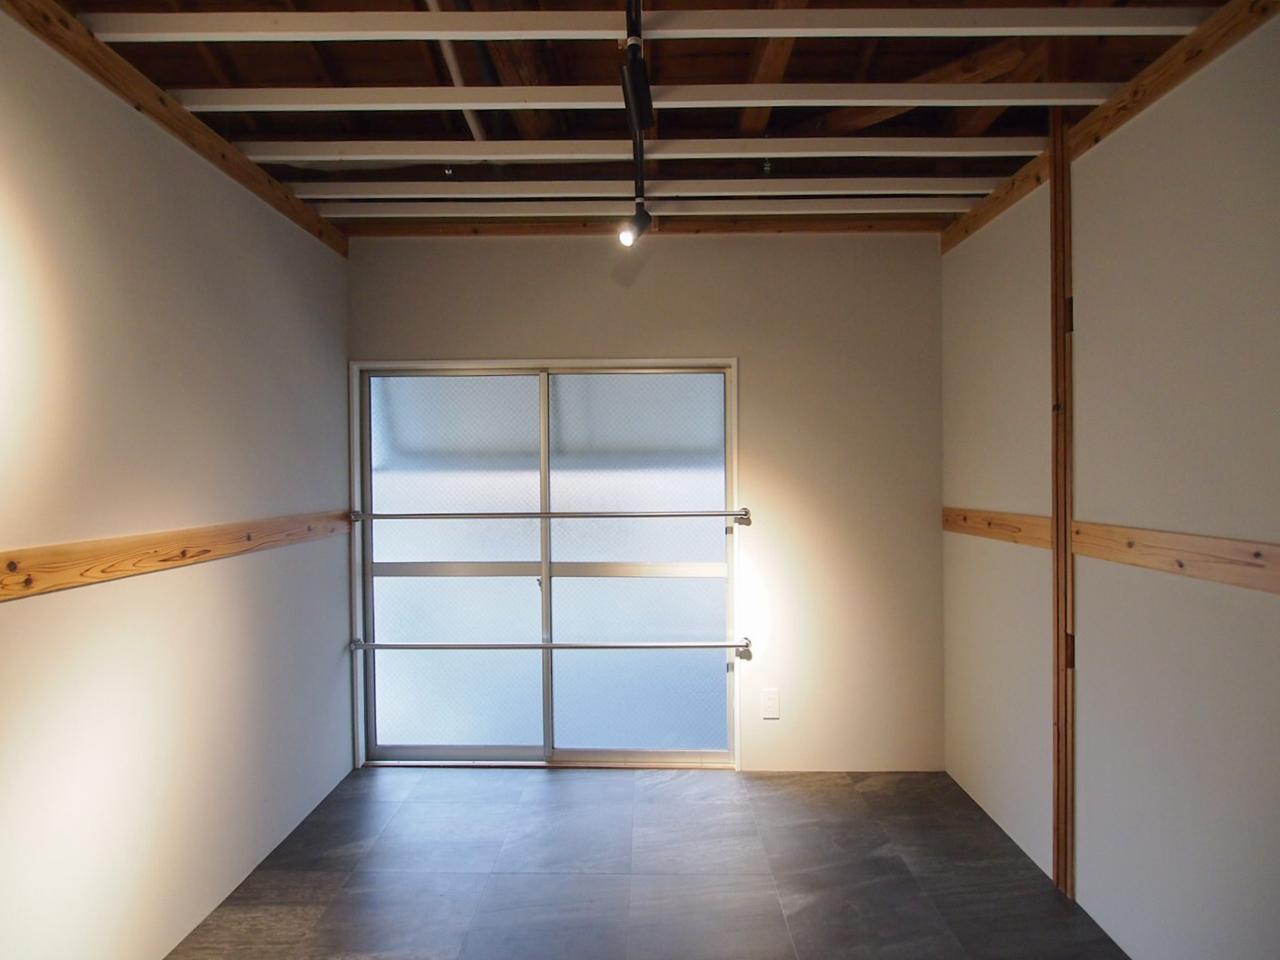 2C(満室) 天井から植物ぶら下げたい